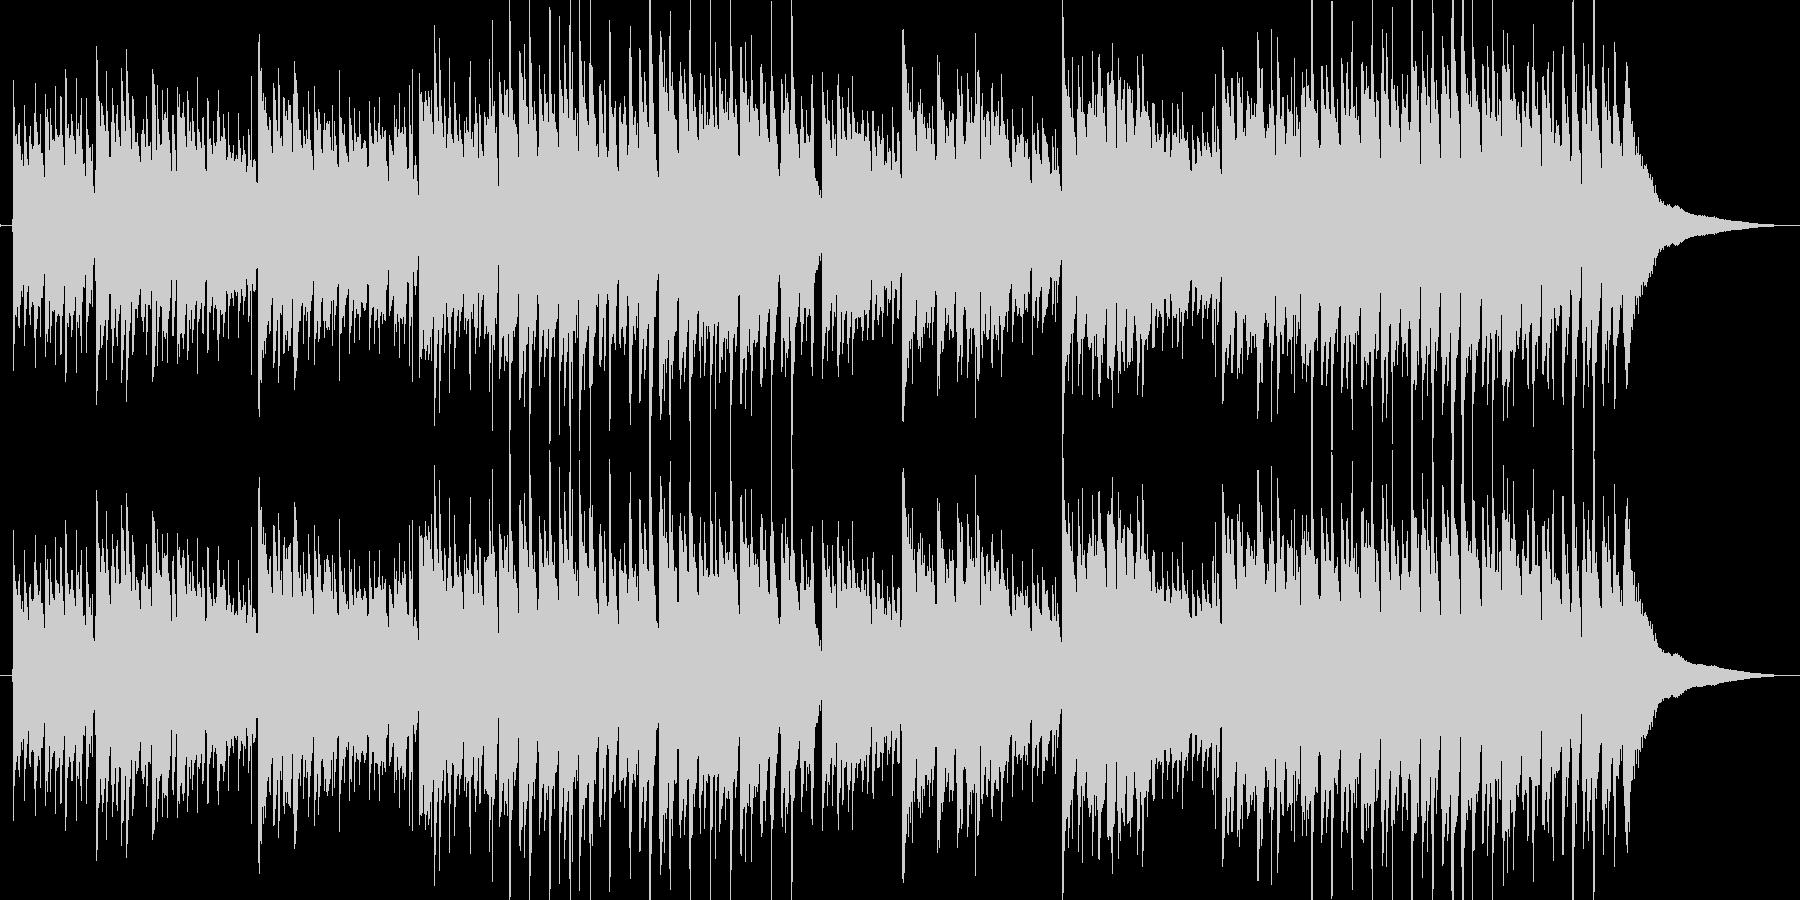 アコースティックギター 雨の街1 独奏の未再生の波形